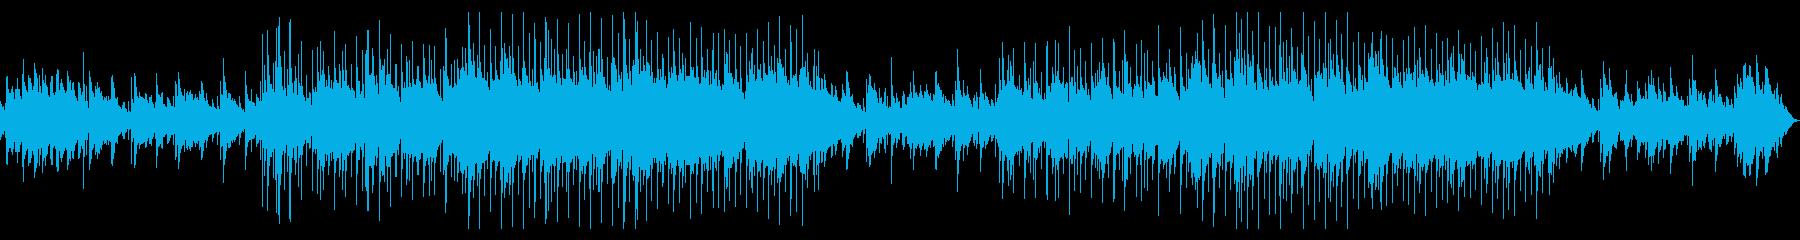 スロー。ピアノバー。ピアノのメロディ。の再生済みの波形